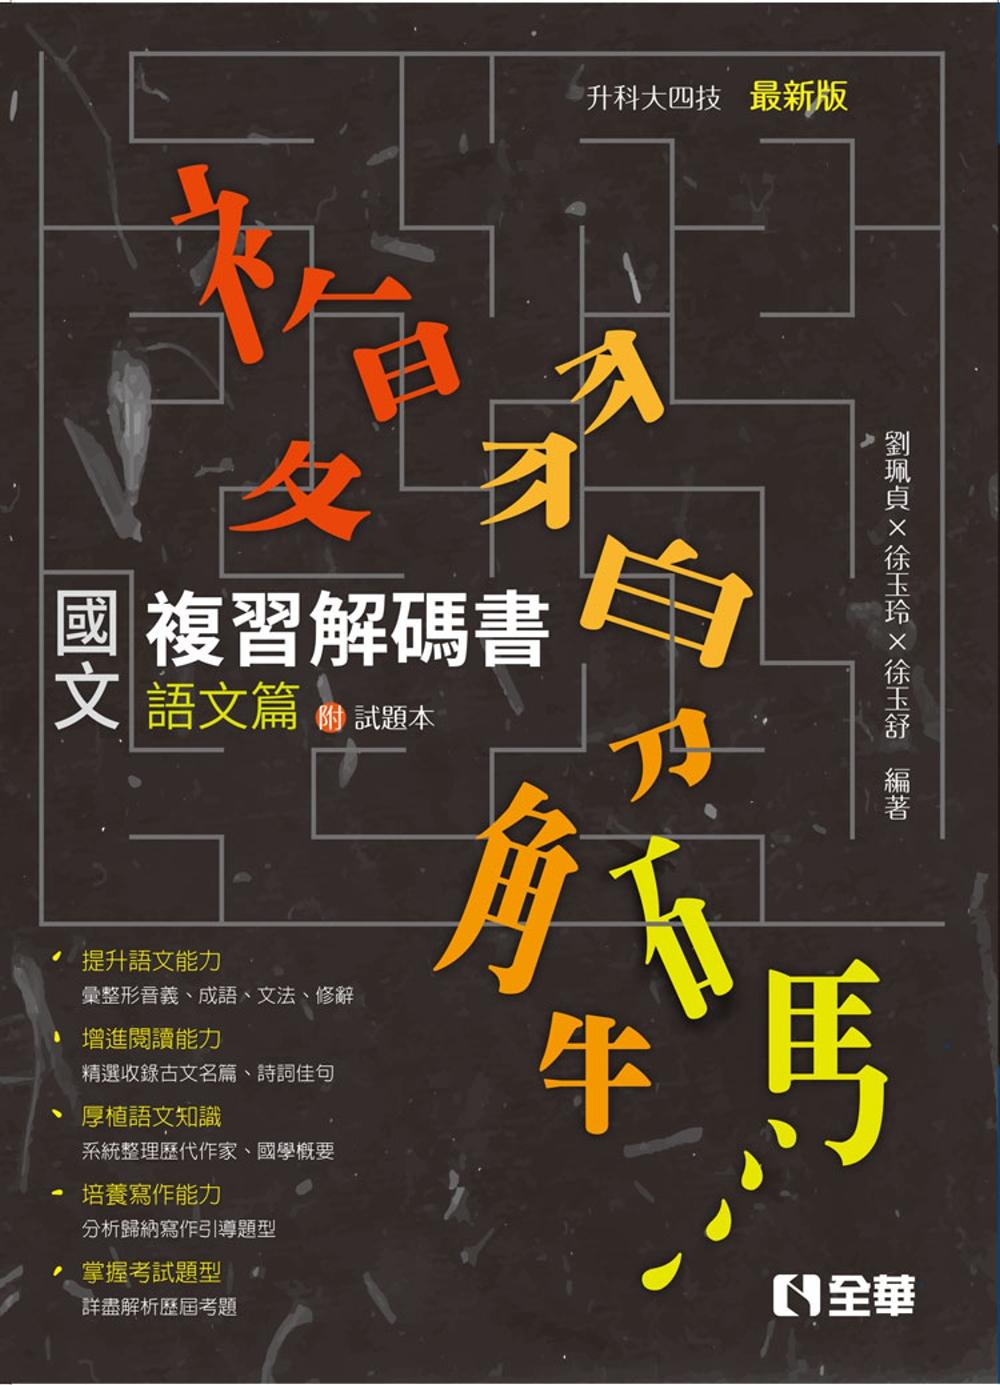 升科大四技:國文複習解碼書語文篇(附試題本)(2019最新版)